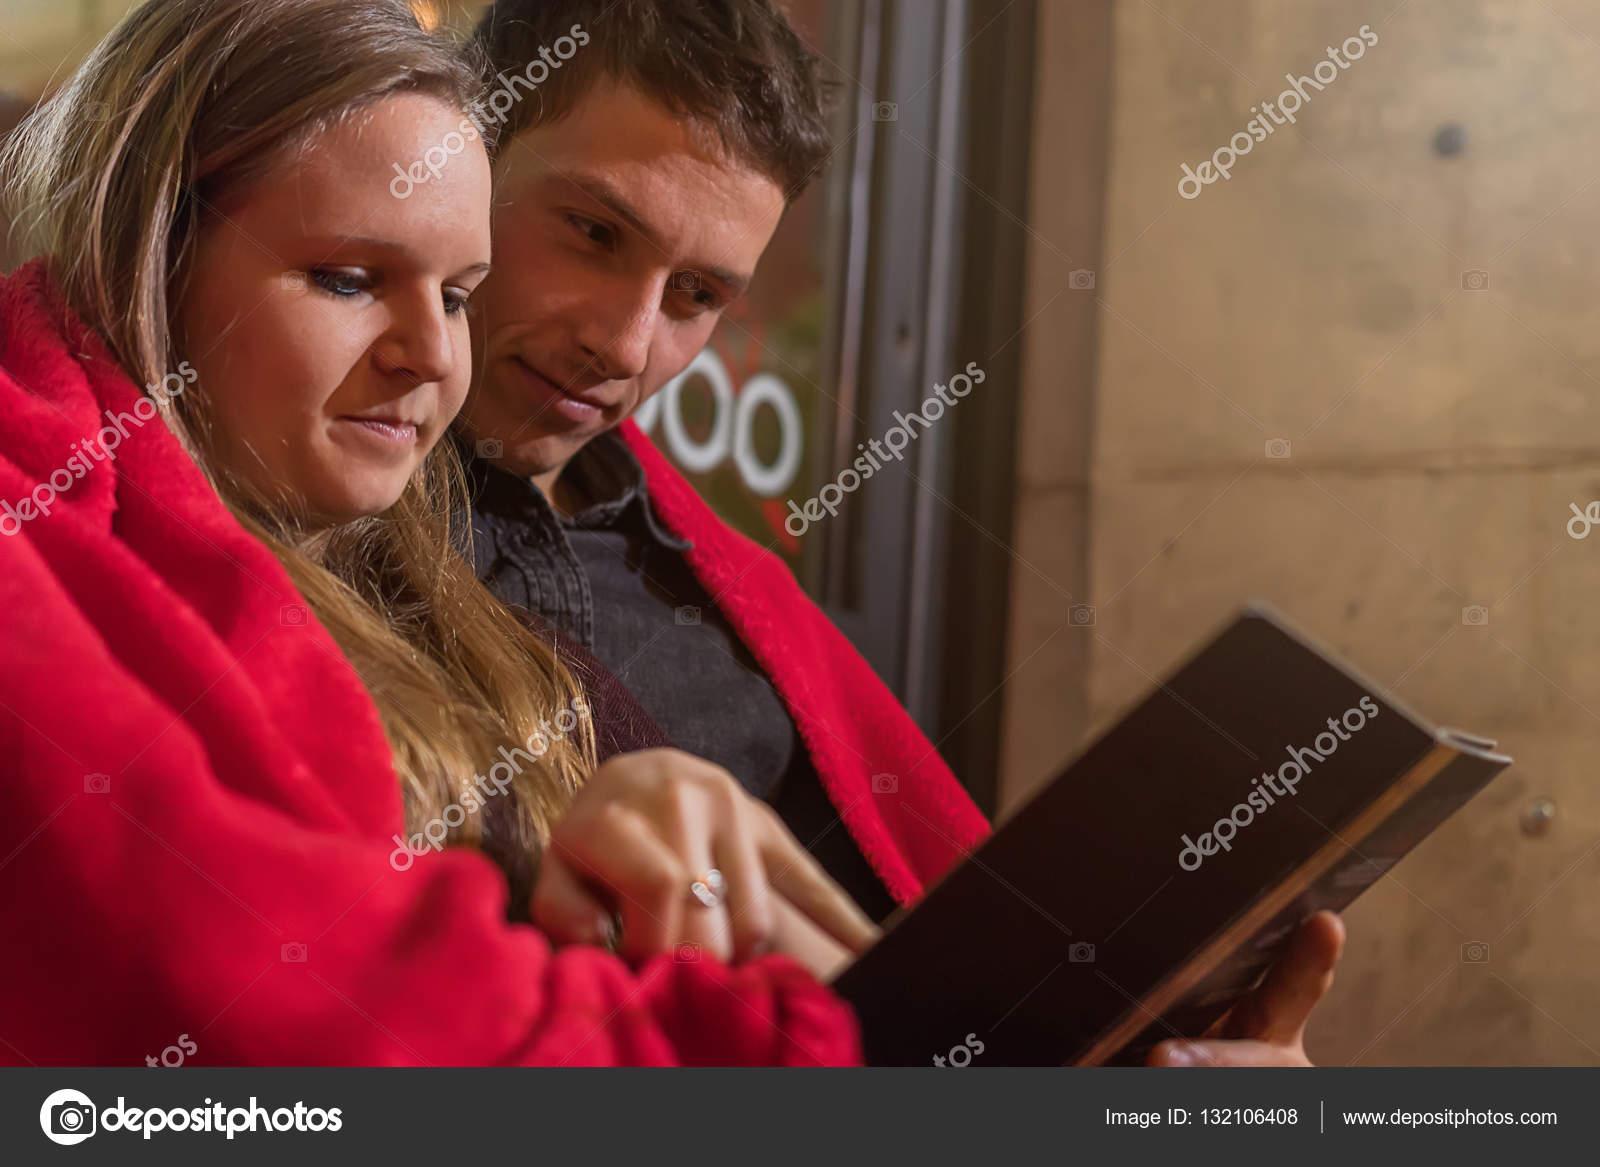 Christian rencontres couple vacances signes du zodiaque de datation quotidienne élite